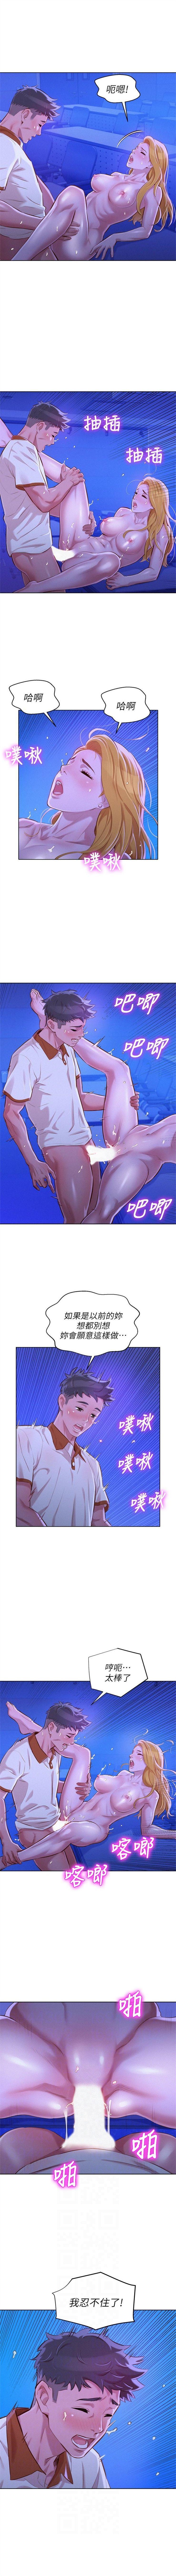 (周7)漂亮干姐姐  1-79 中文翻译 (更新中) 342